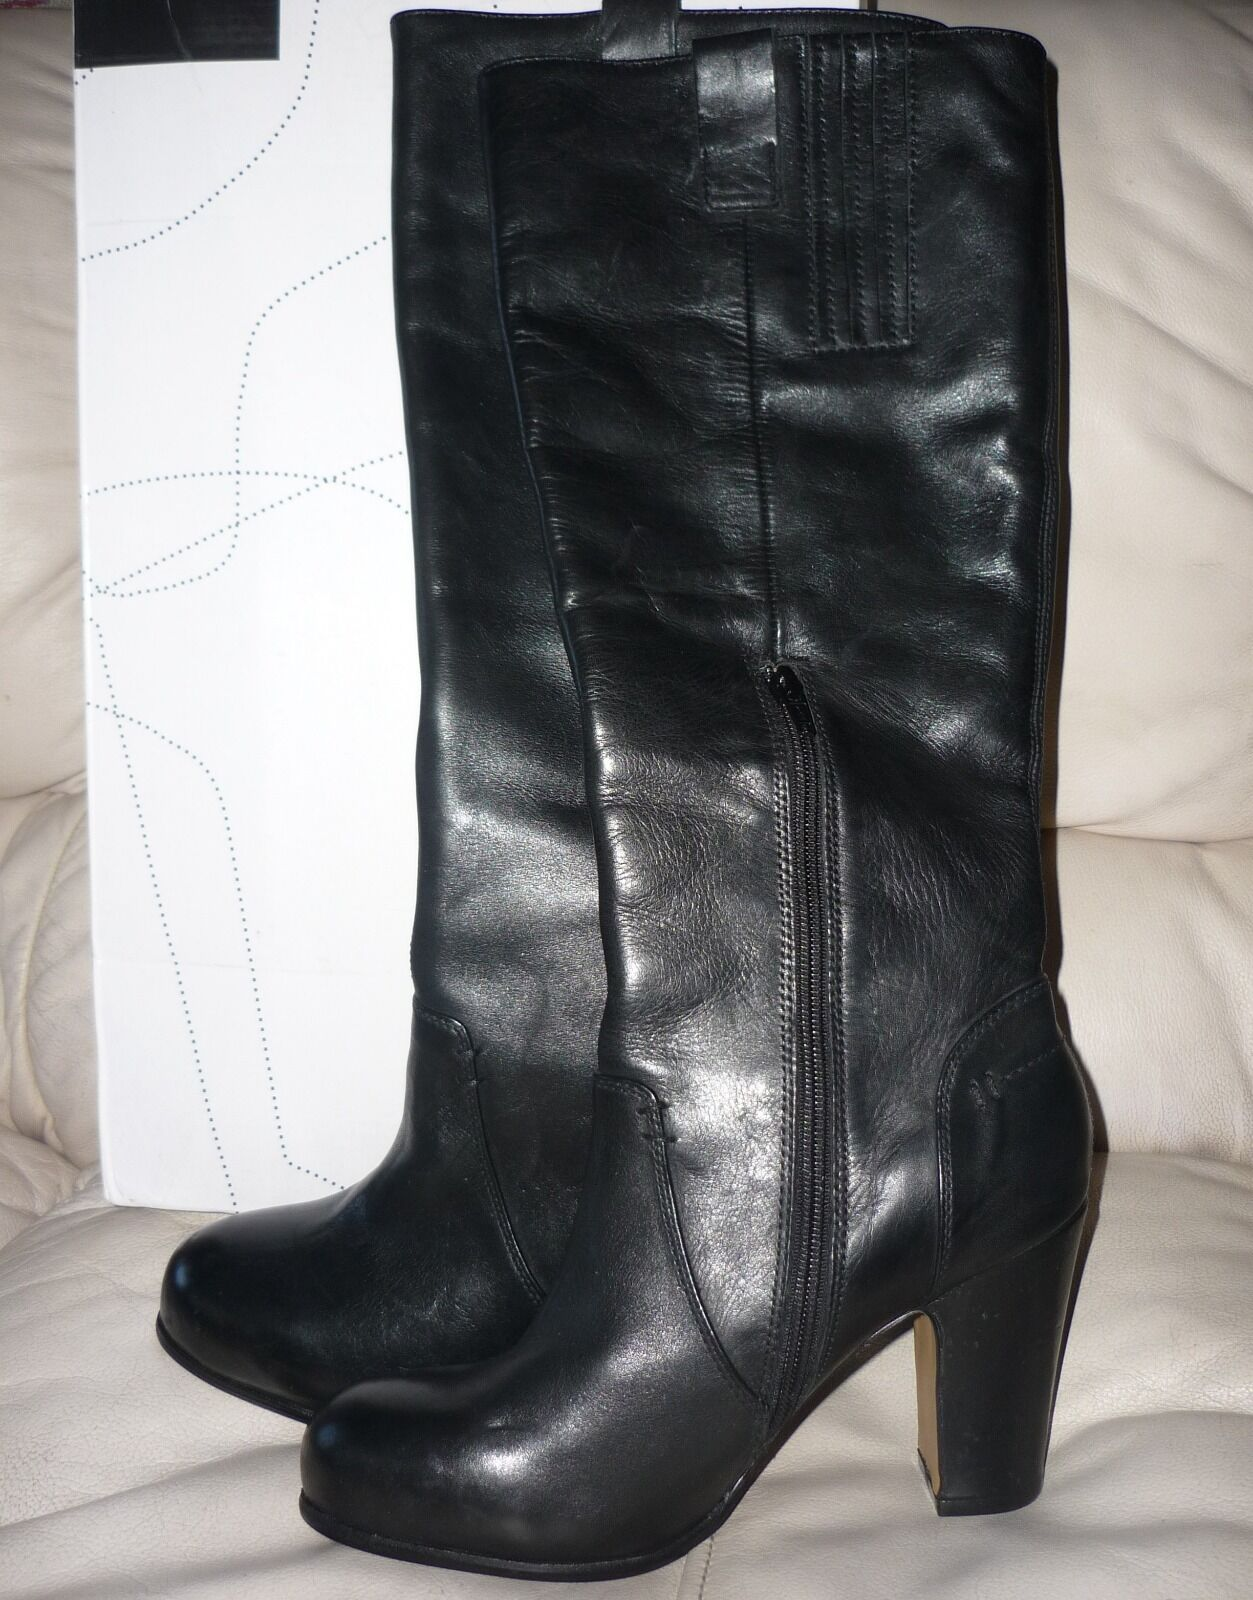 Bronx Negro botas De Cuero Genuino Talla 9 Nuevas Nuevas Nuevas  80 al por menor  189.99  tienda de venta en línea